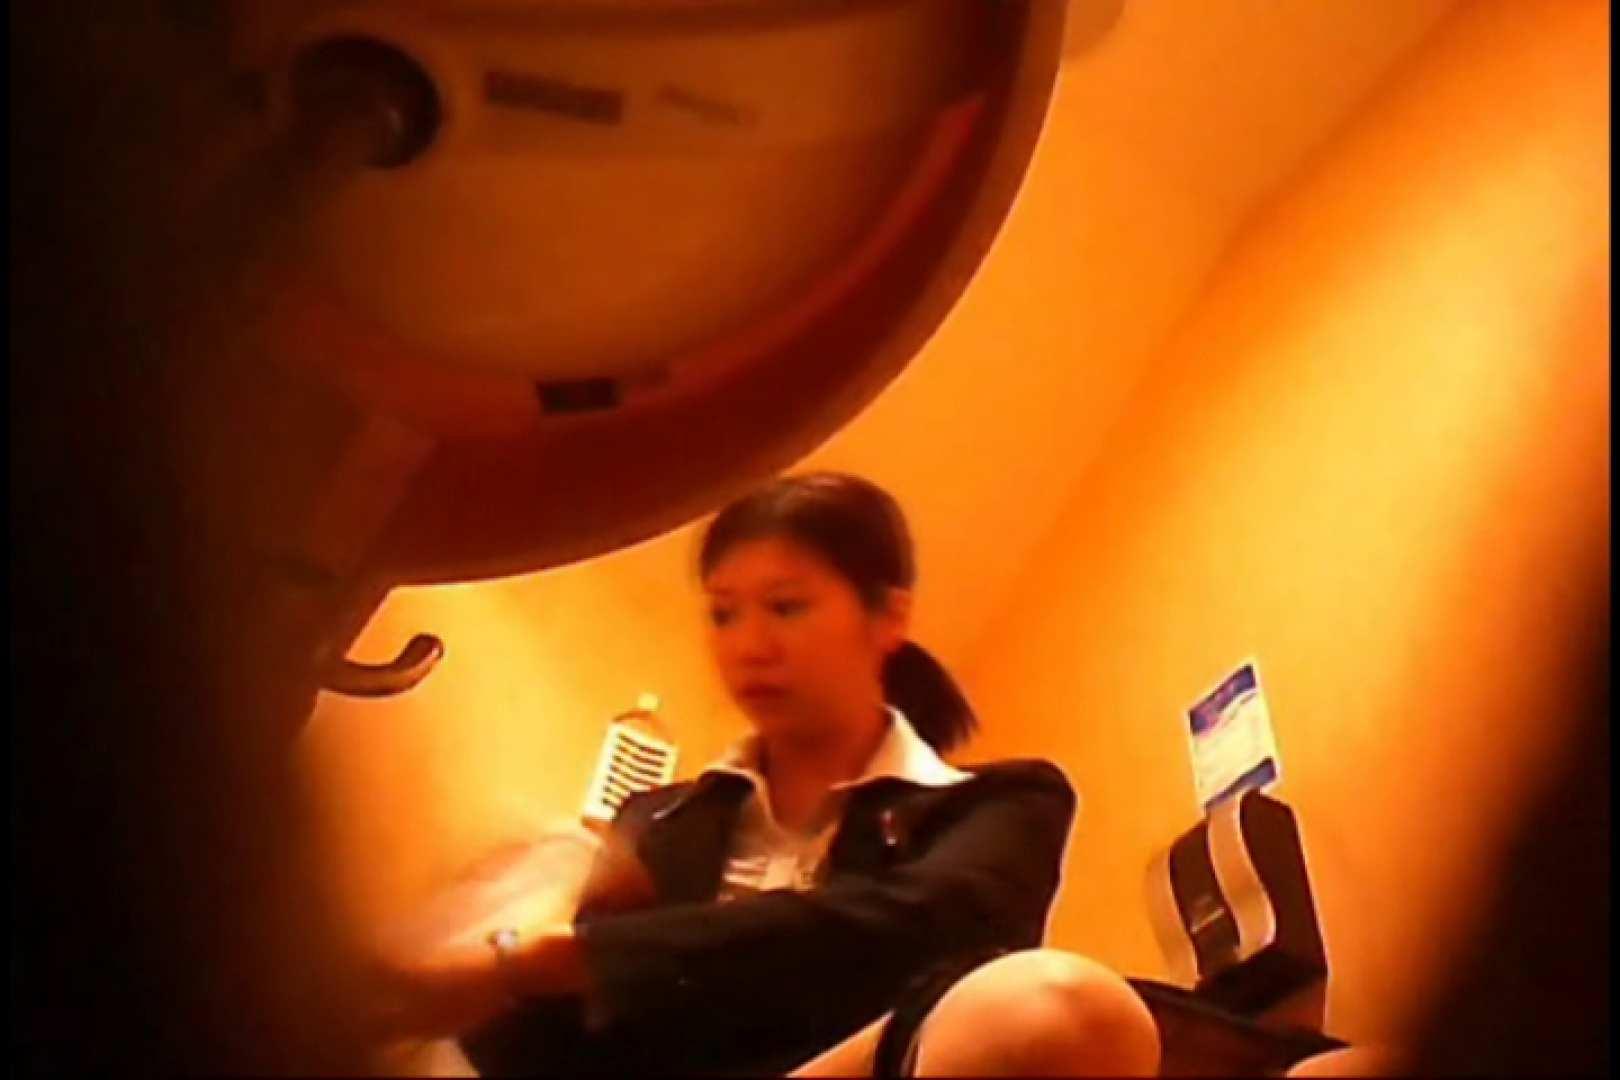 潜入!!女子化粧室盗撮~絶対見られたくない時間~vo,22 お尻 オマンコ無修正動画無料 106pic 54